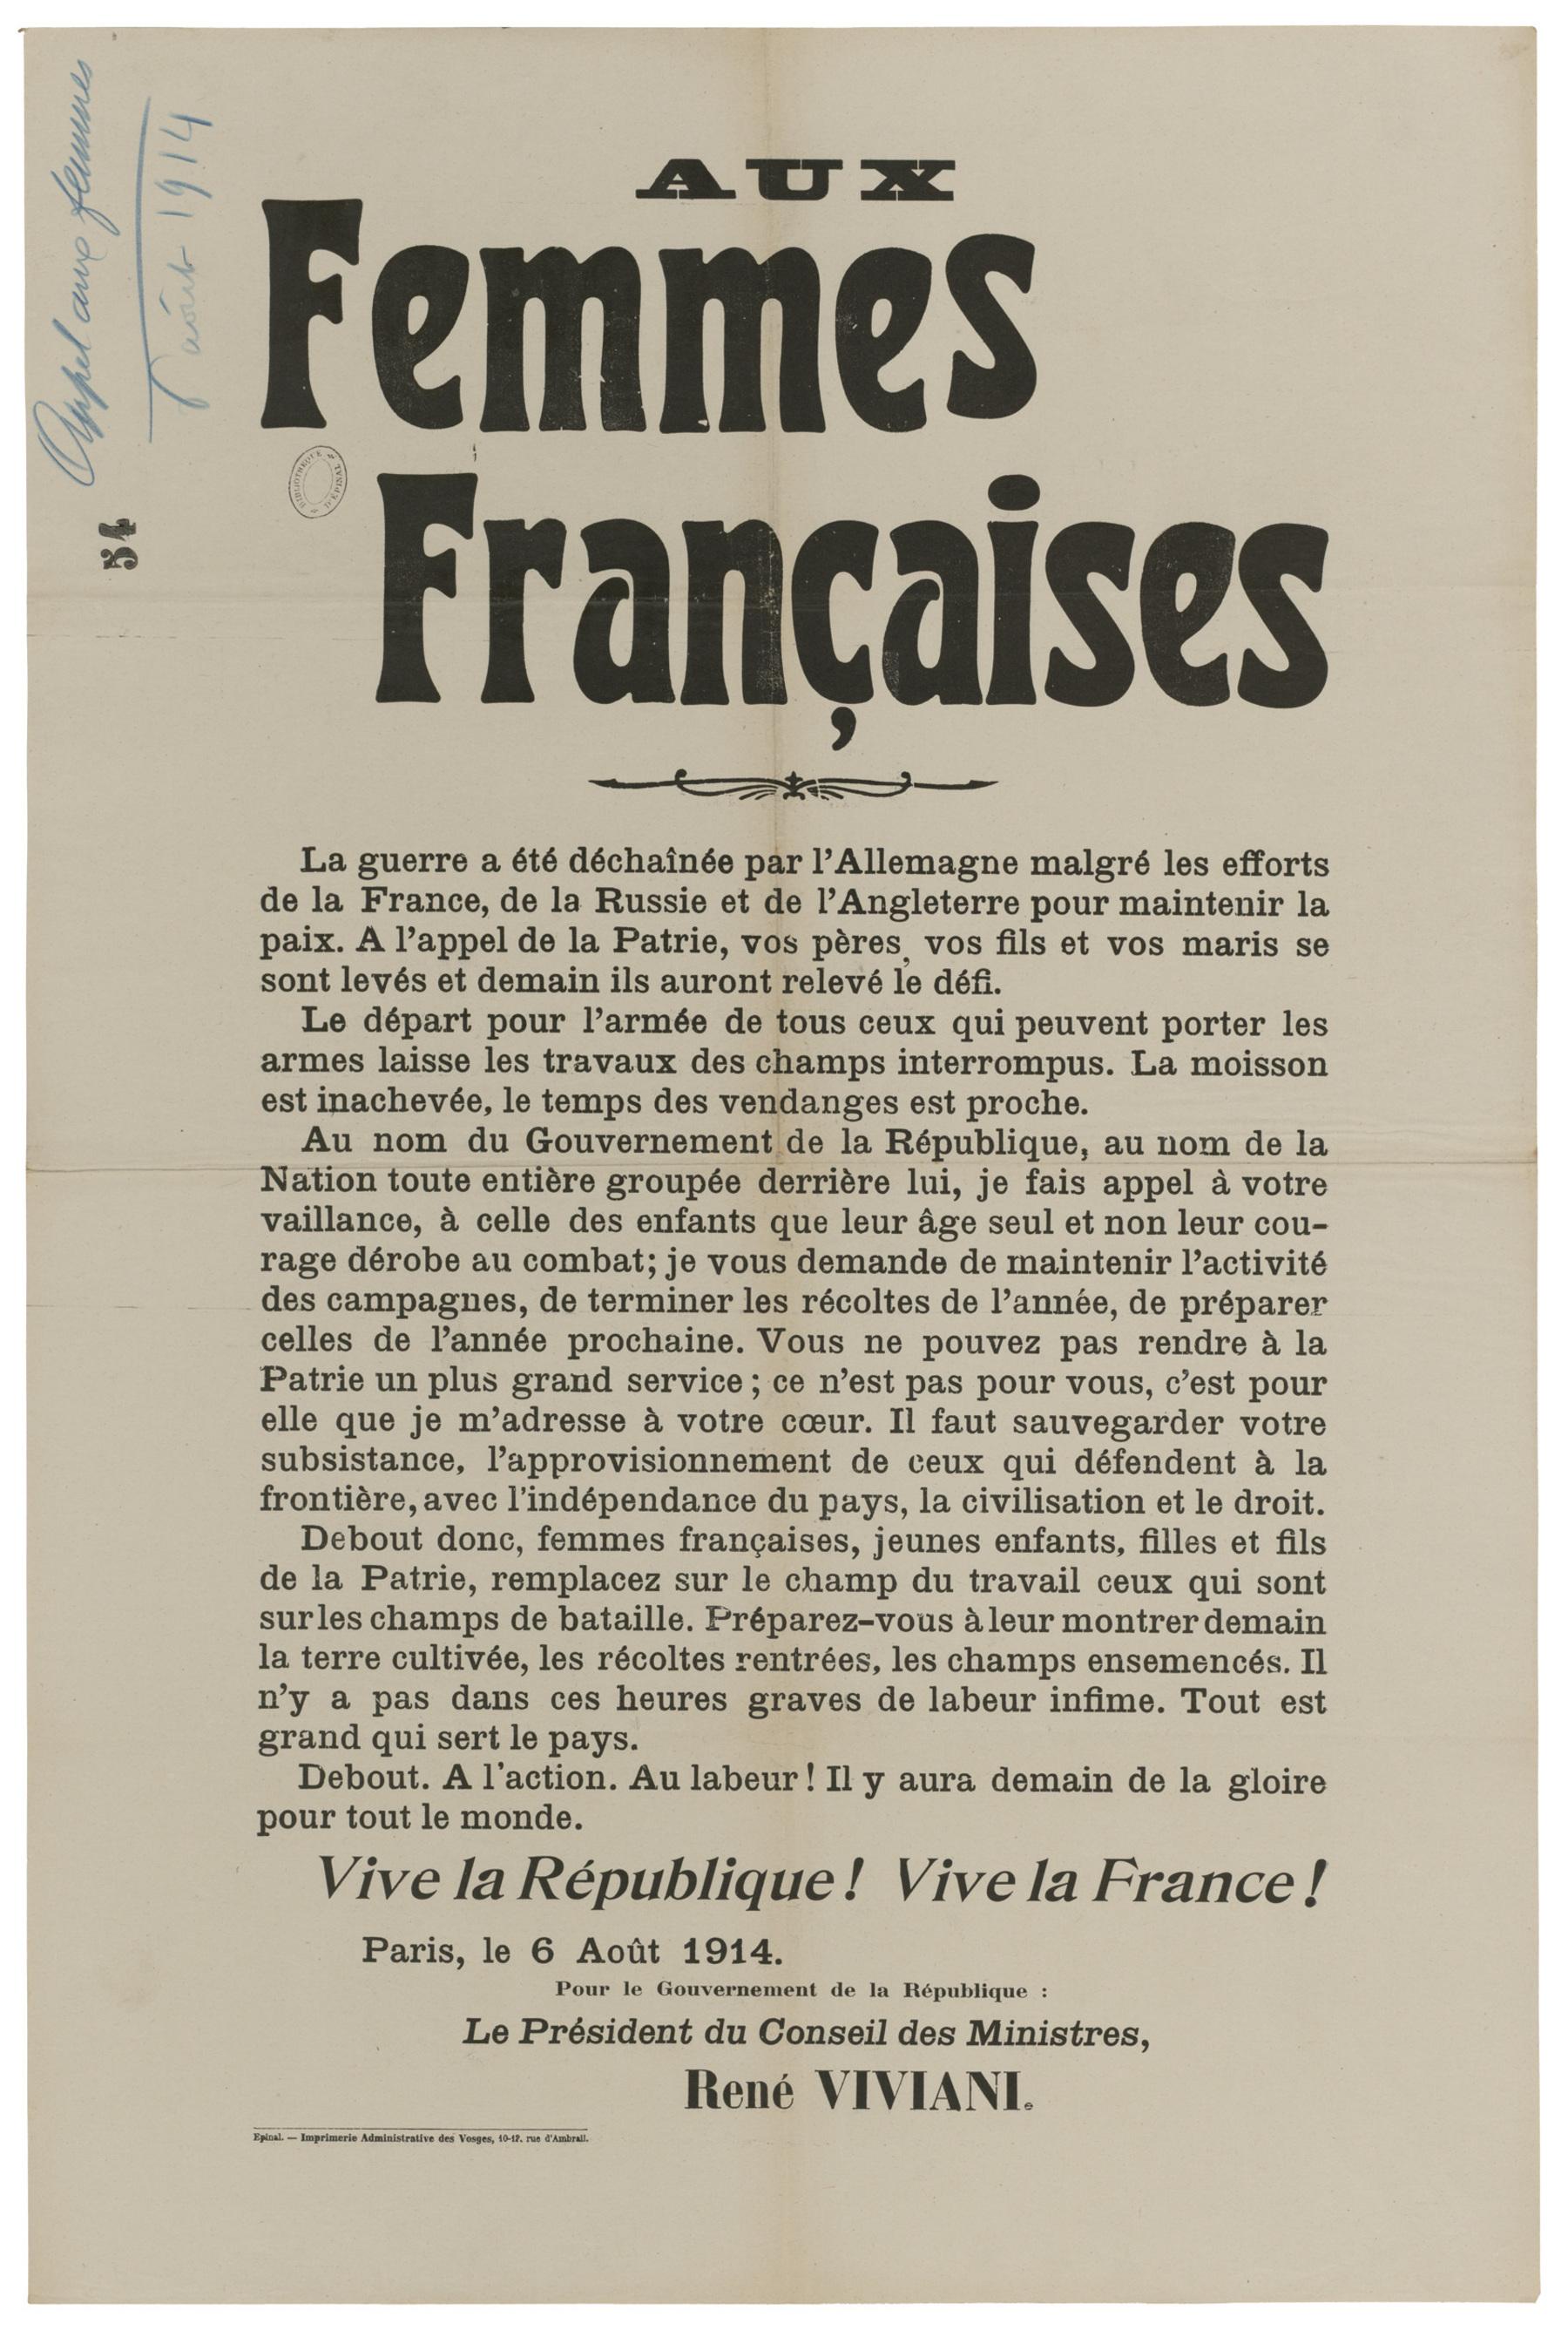 Contenu du Aux femmes françaises. Le départ pour l'armée de tous ceux qui peuvent porter les armes.